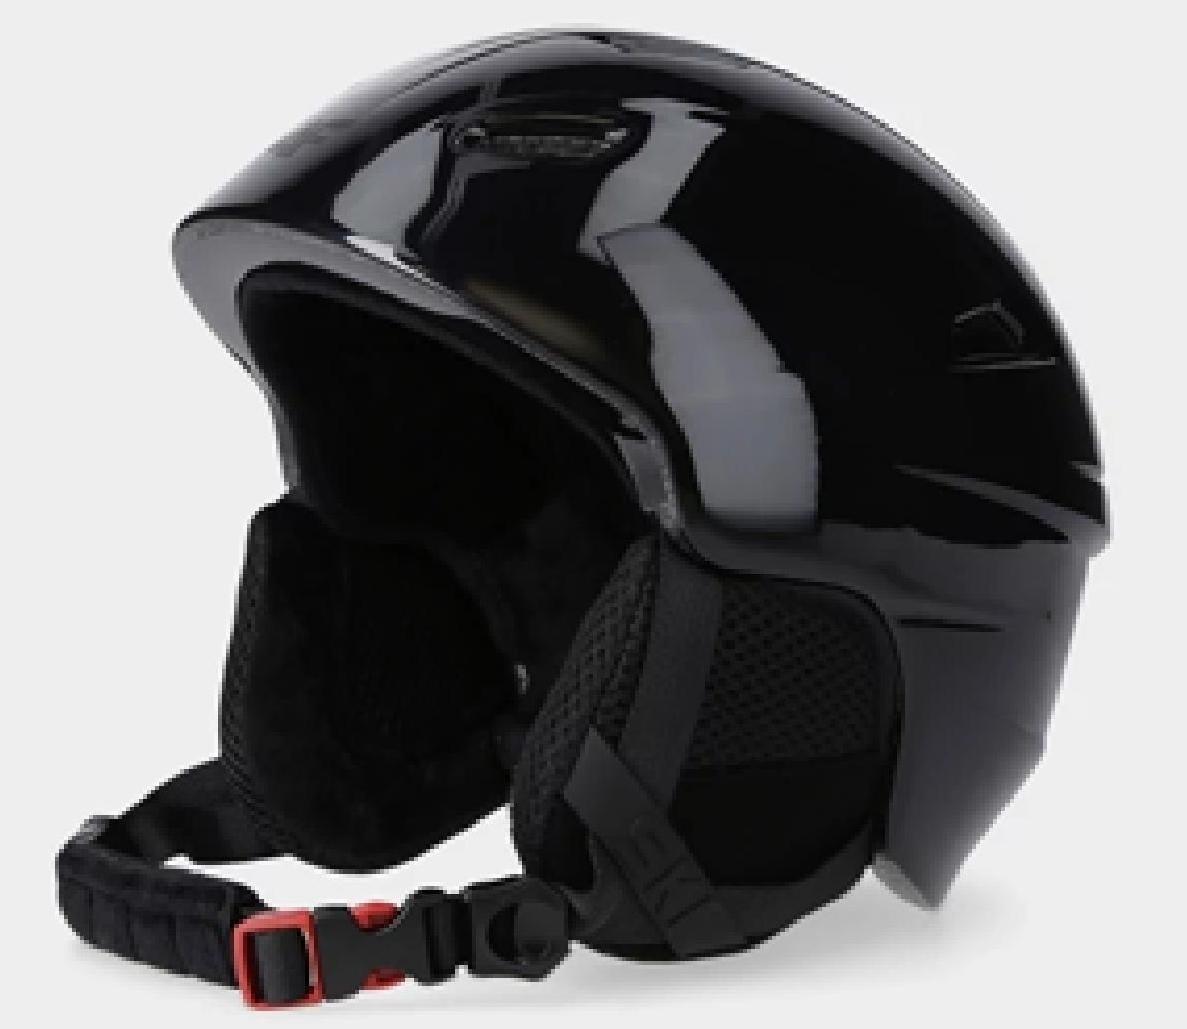 Kask narciarski 4F niska cena